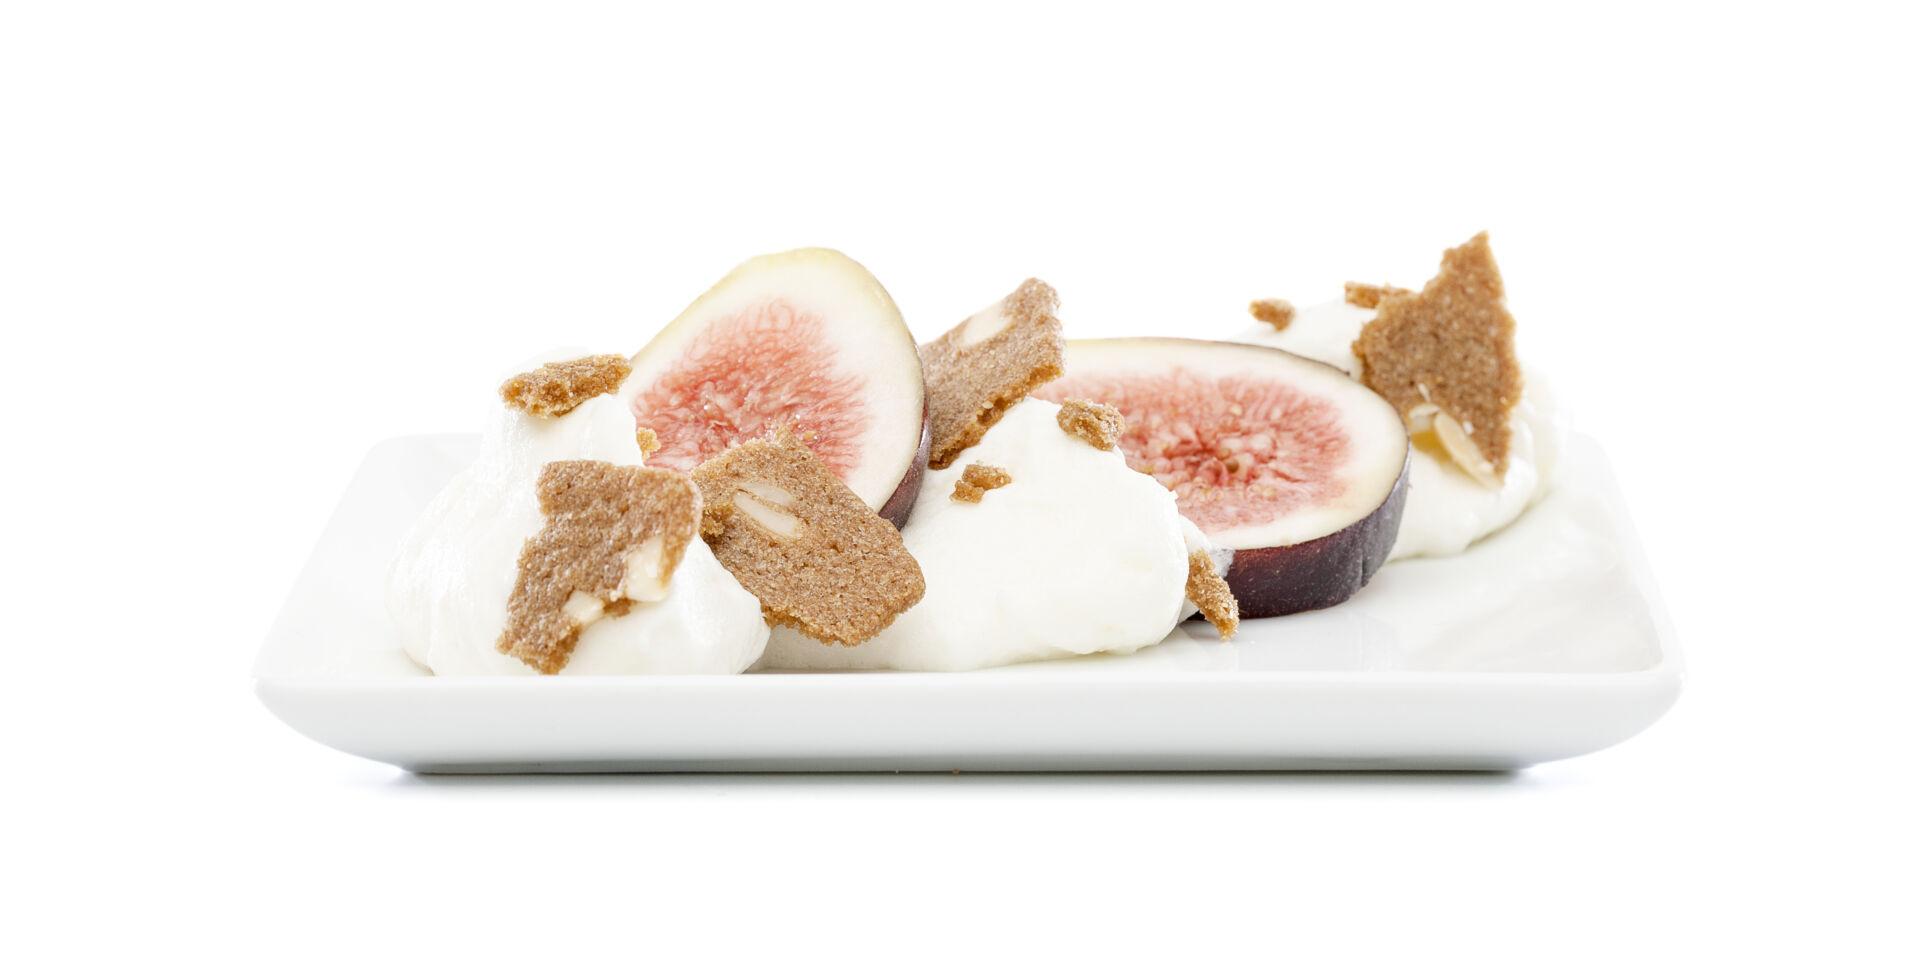 Biscuits amandes mousse au chocolat figues assiette